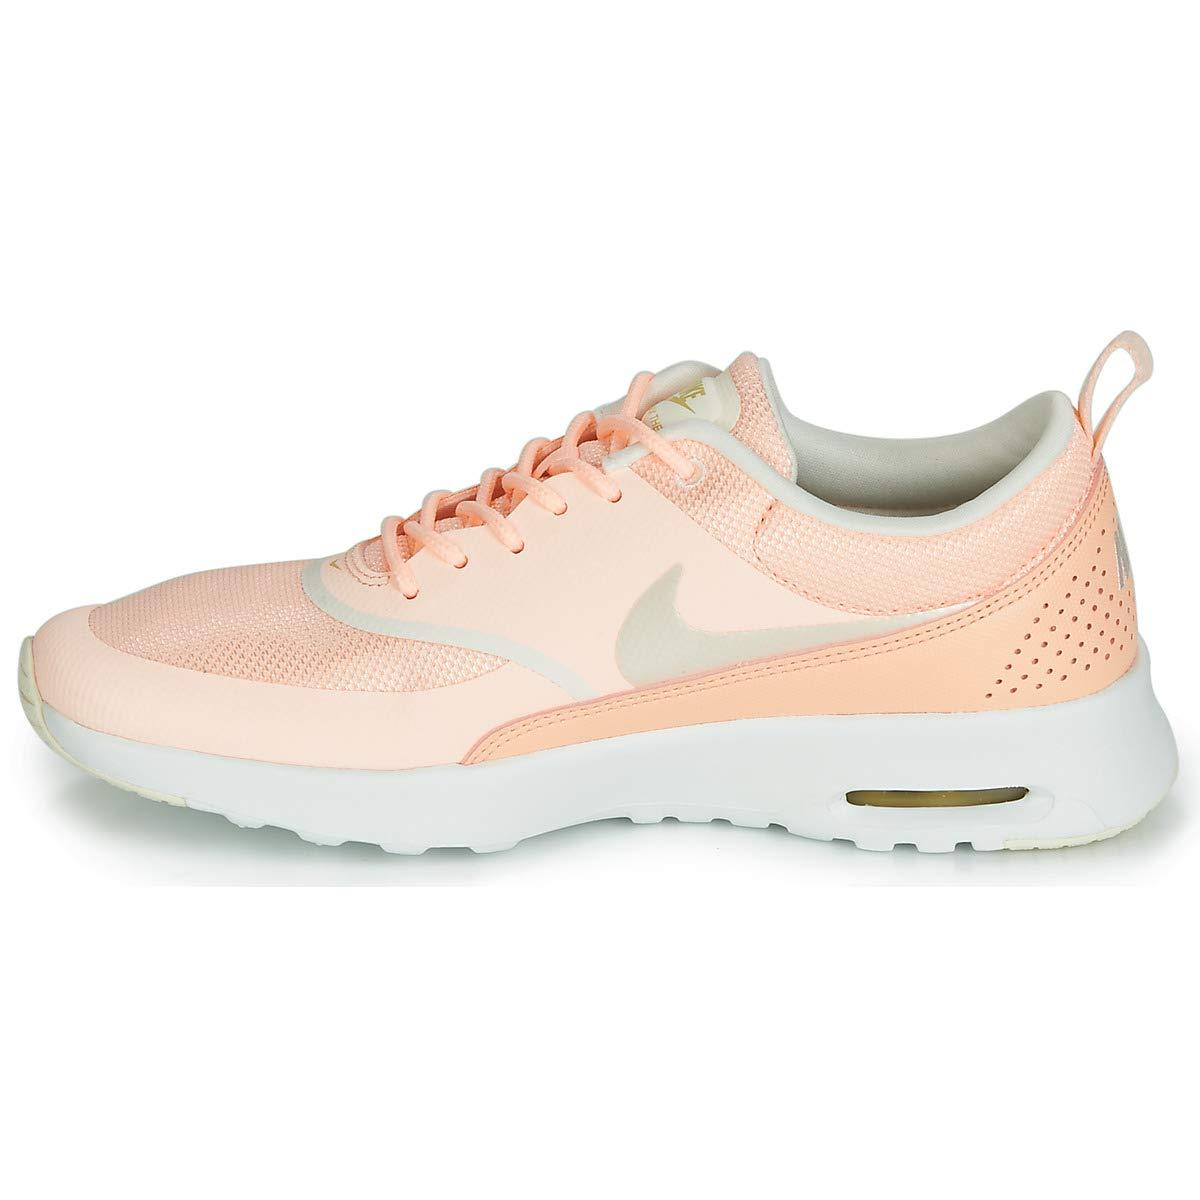 Nike Nike Nike Damen WMNS Air Max Thea Fitnessschuhe 9ecaf2